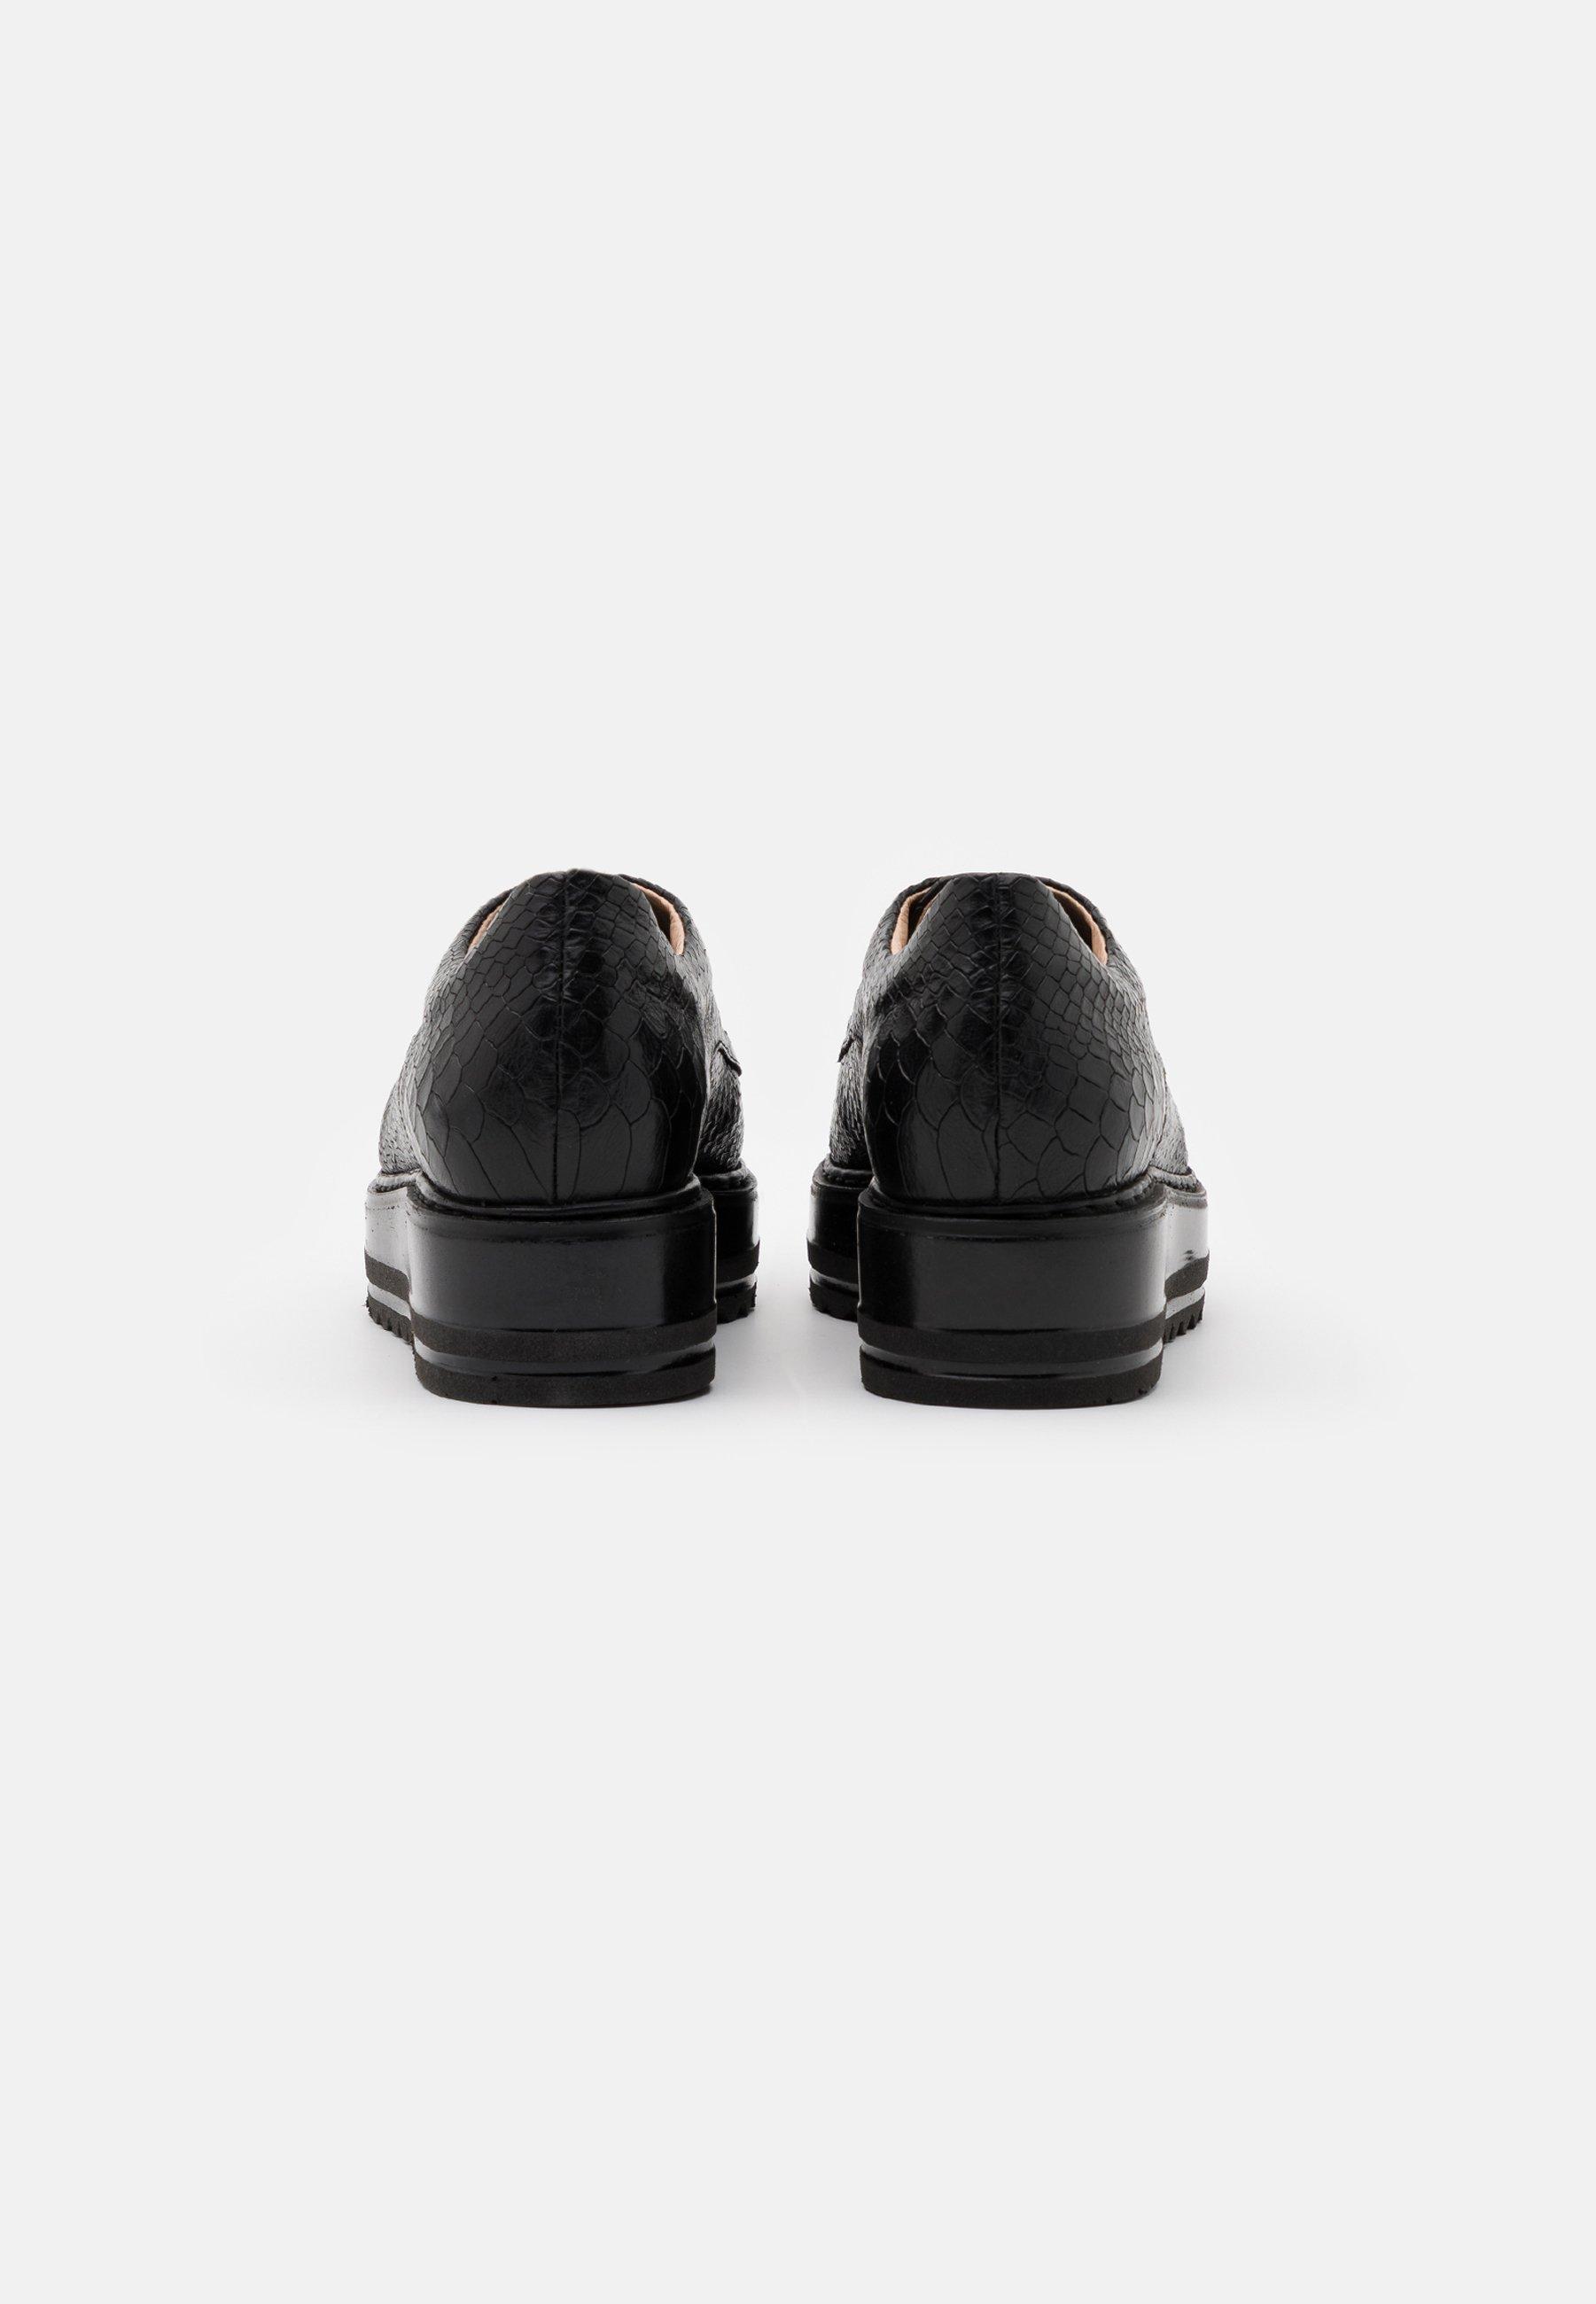 San Marina Malice - Schnürer Noir/schwarz